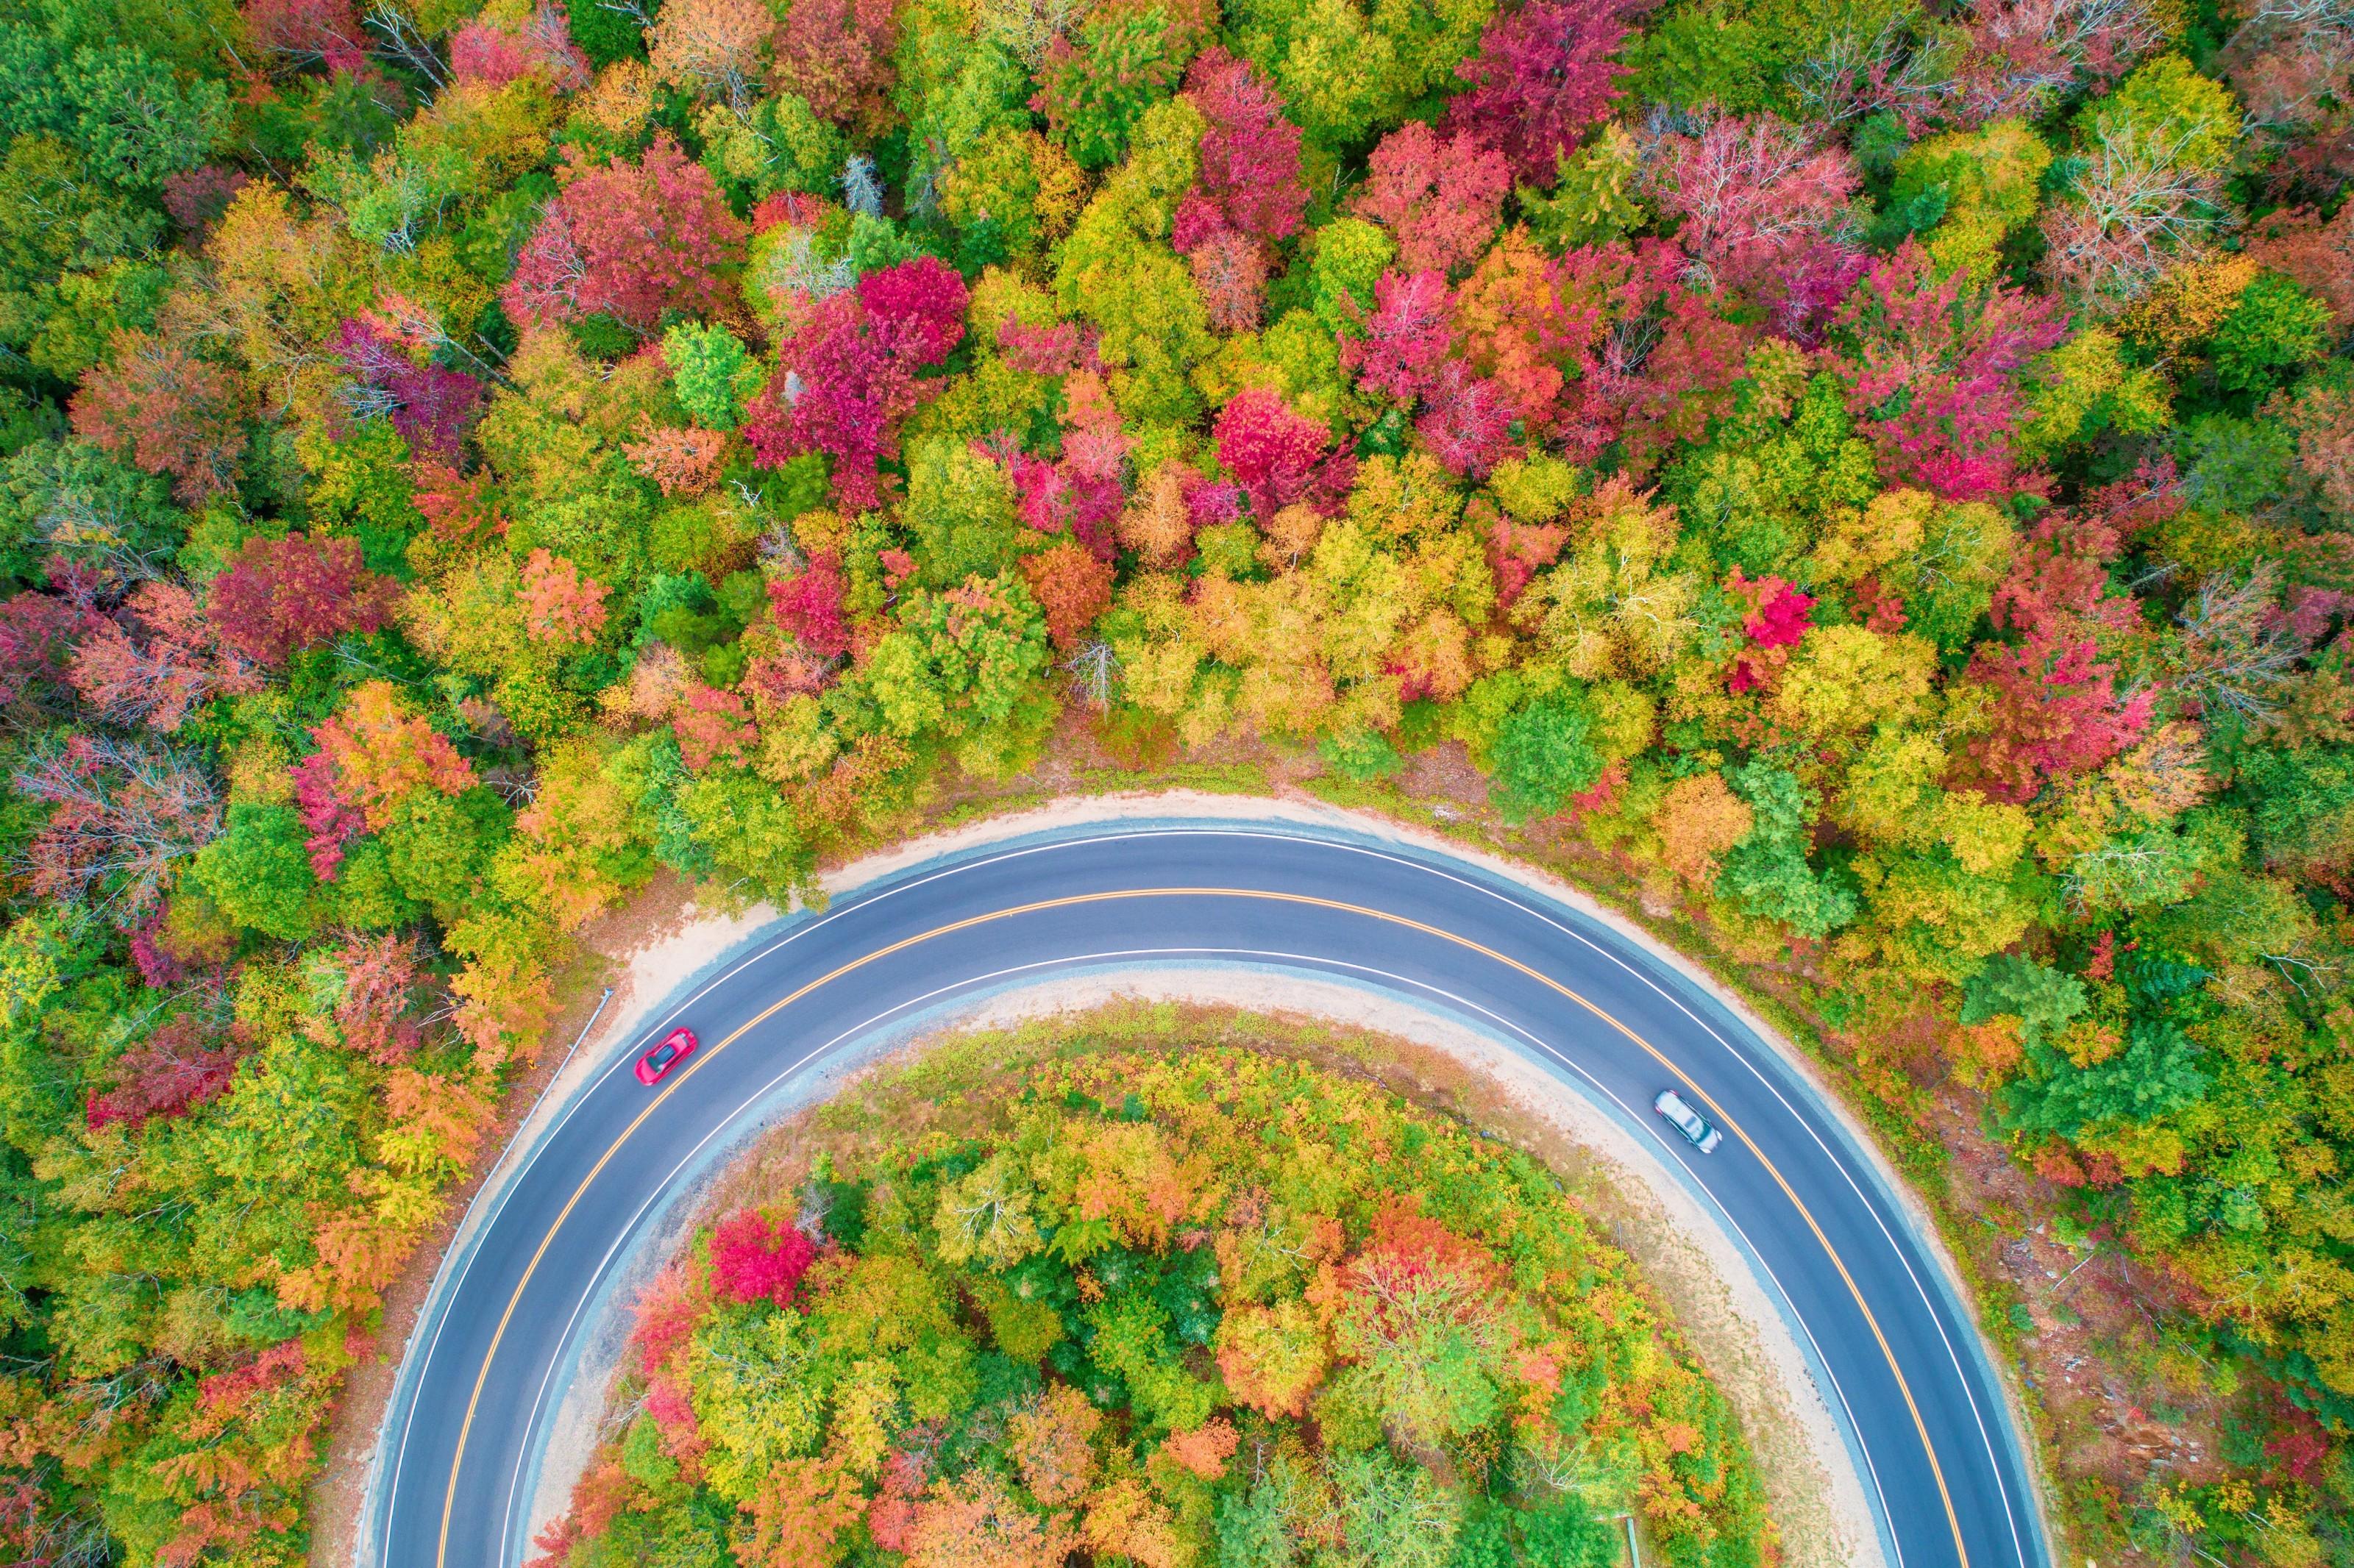 estrada em meio a árvores